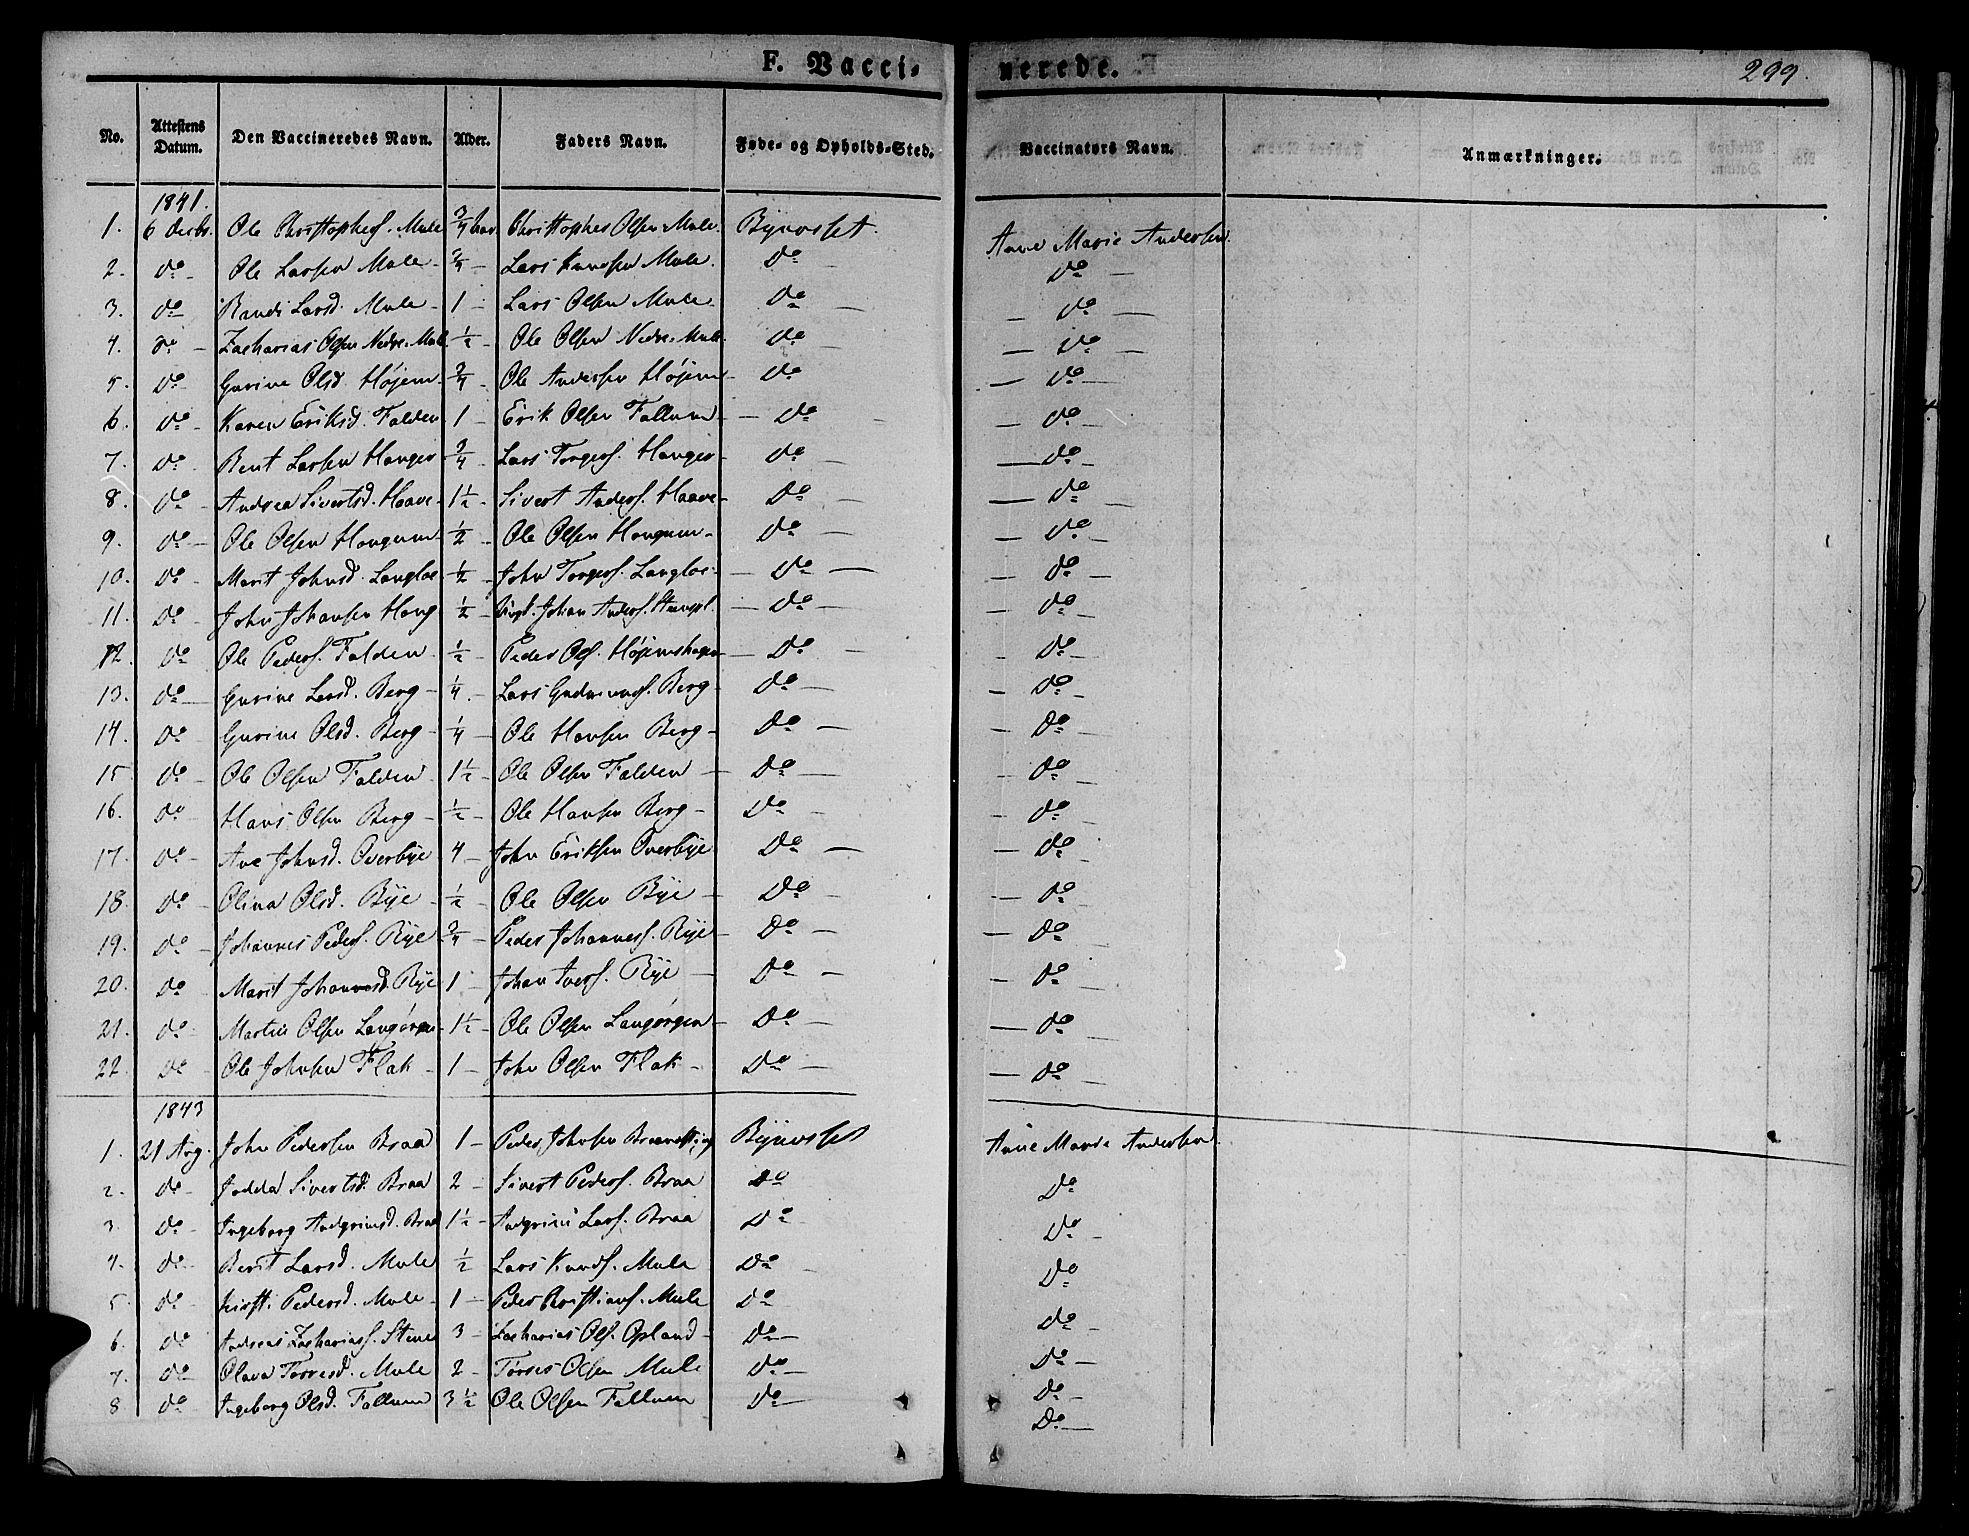 SAT, Ministerialprotokoller, klokkerbøker og fødselsregistre - Sør-Trøndelag, 612/L0374: Ministerialbok nr. 612A07 /1, 1829-1845, s. 299